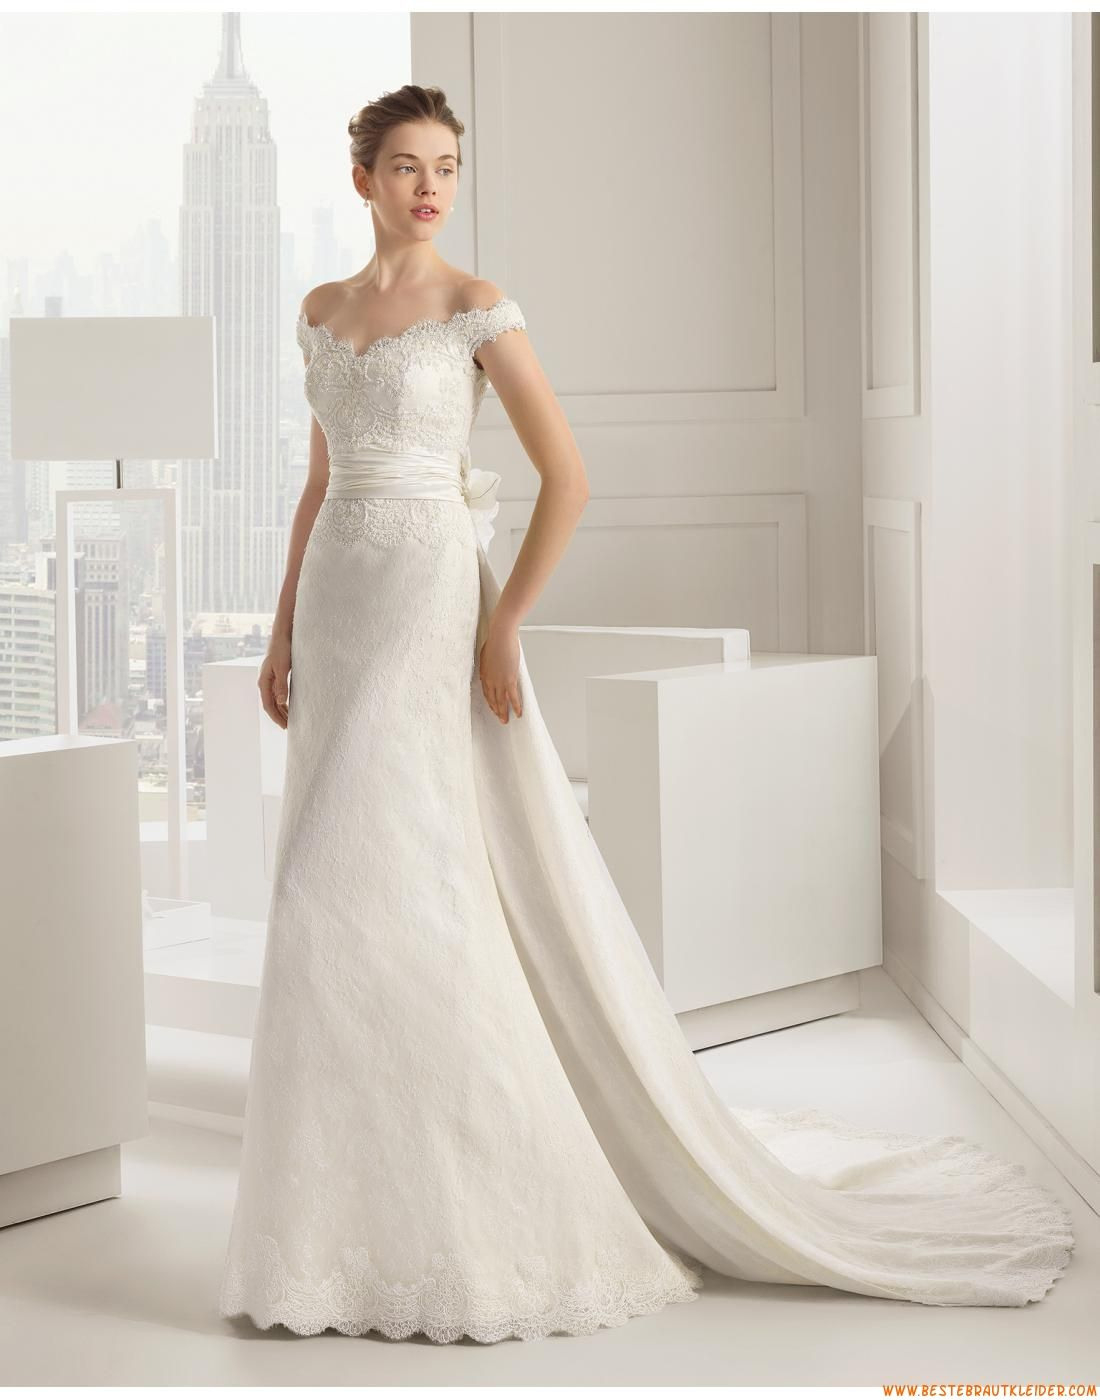 20 Fantastisch Ausgefallene Brautkleider für 201920 Luxus Ausgefallene Brautkleider Vertrieb